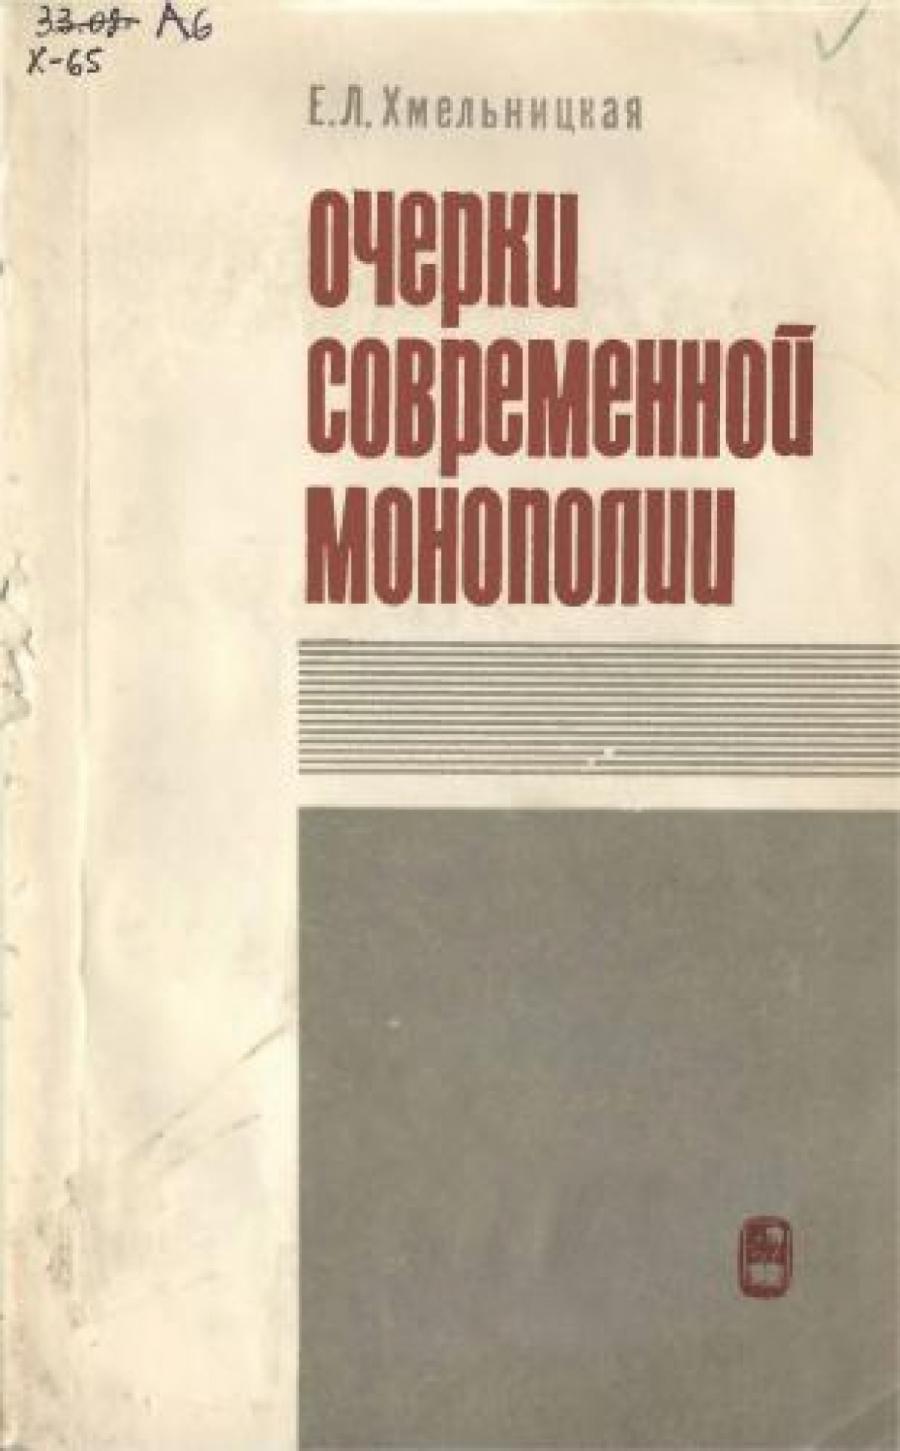 Обложка книги:  хмельницкая е.л. - очерки современной монополии